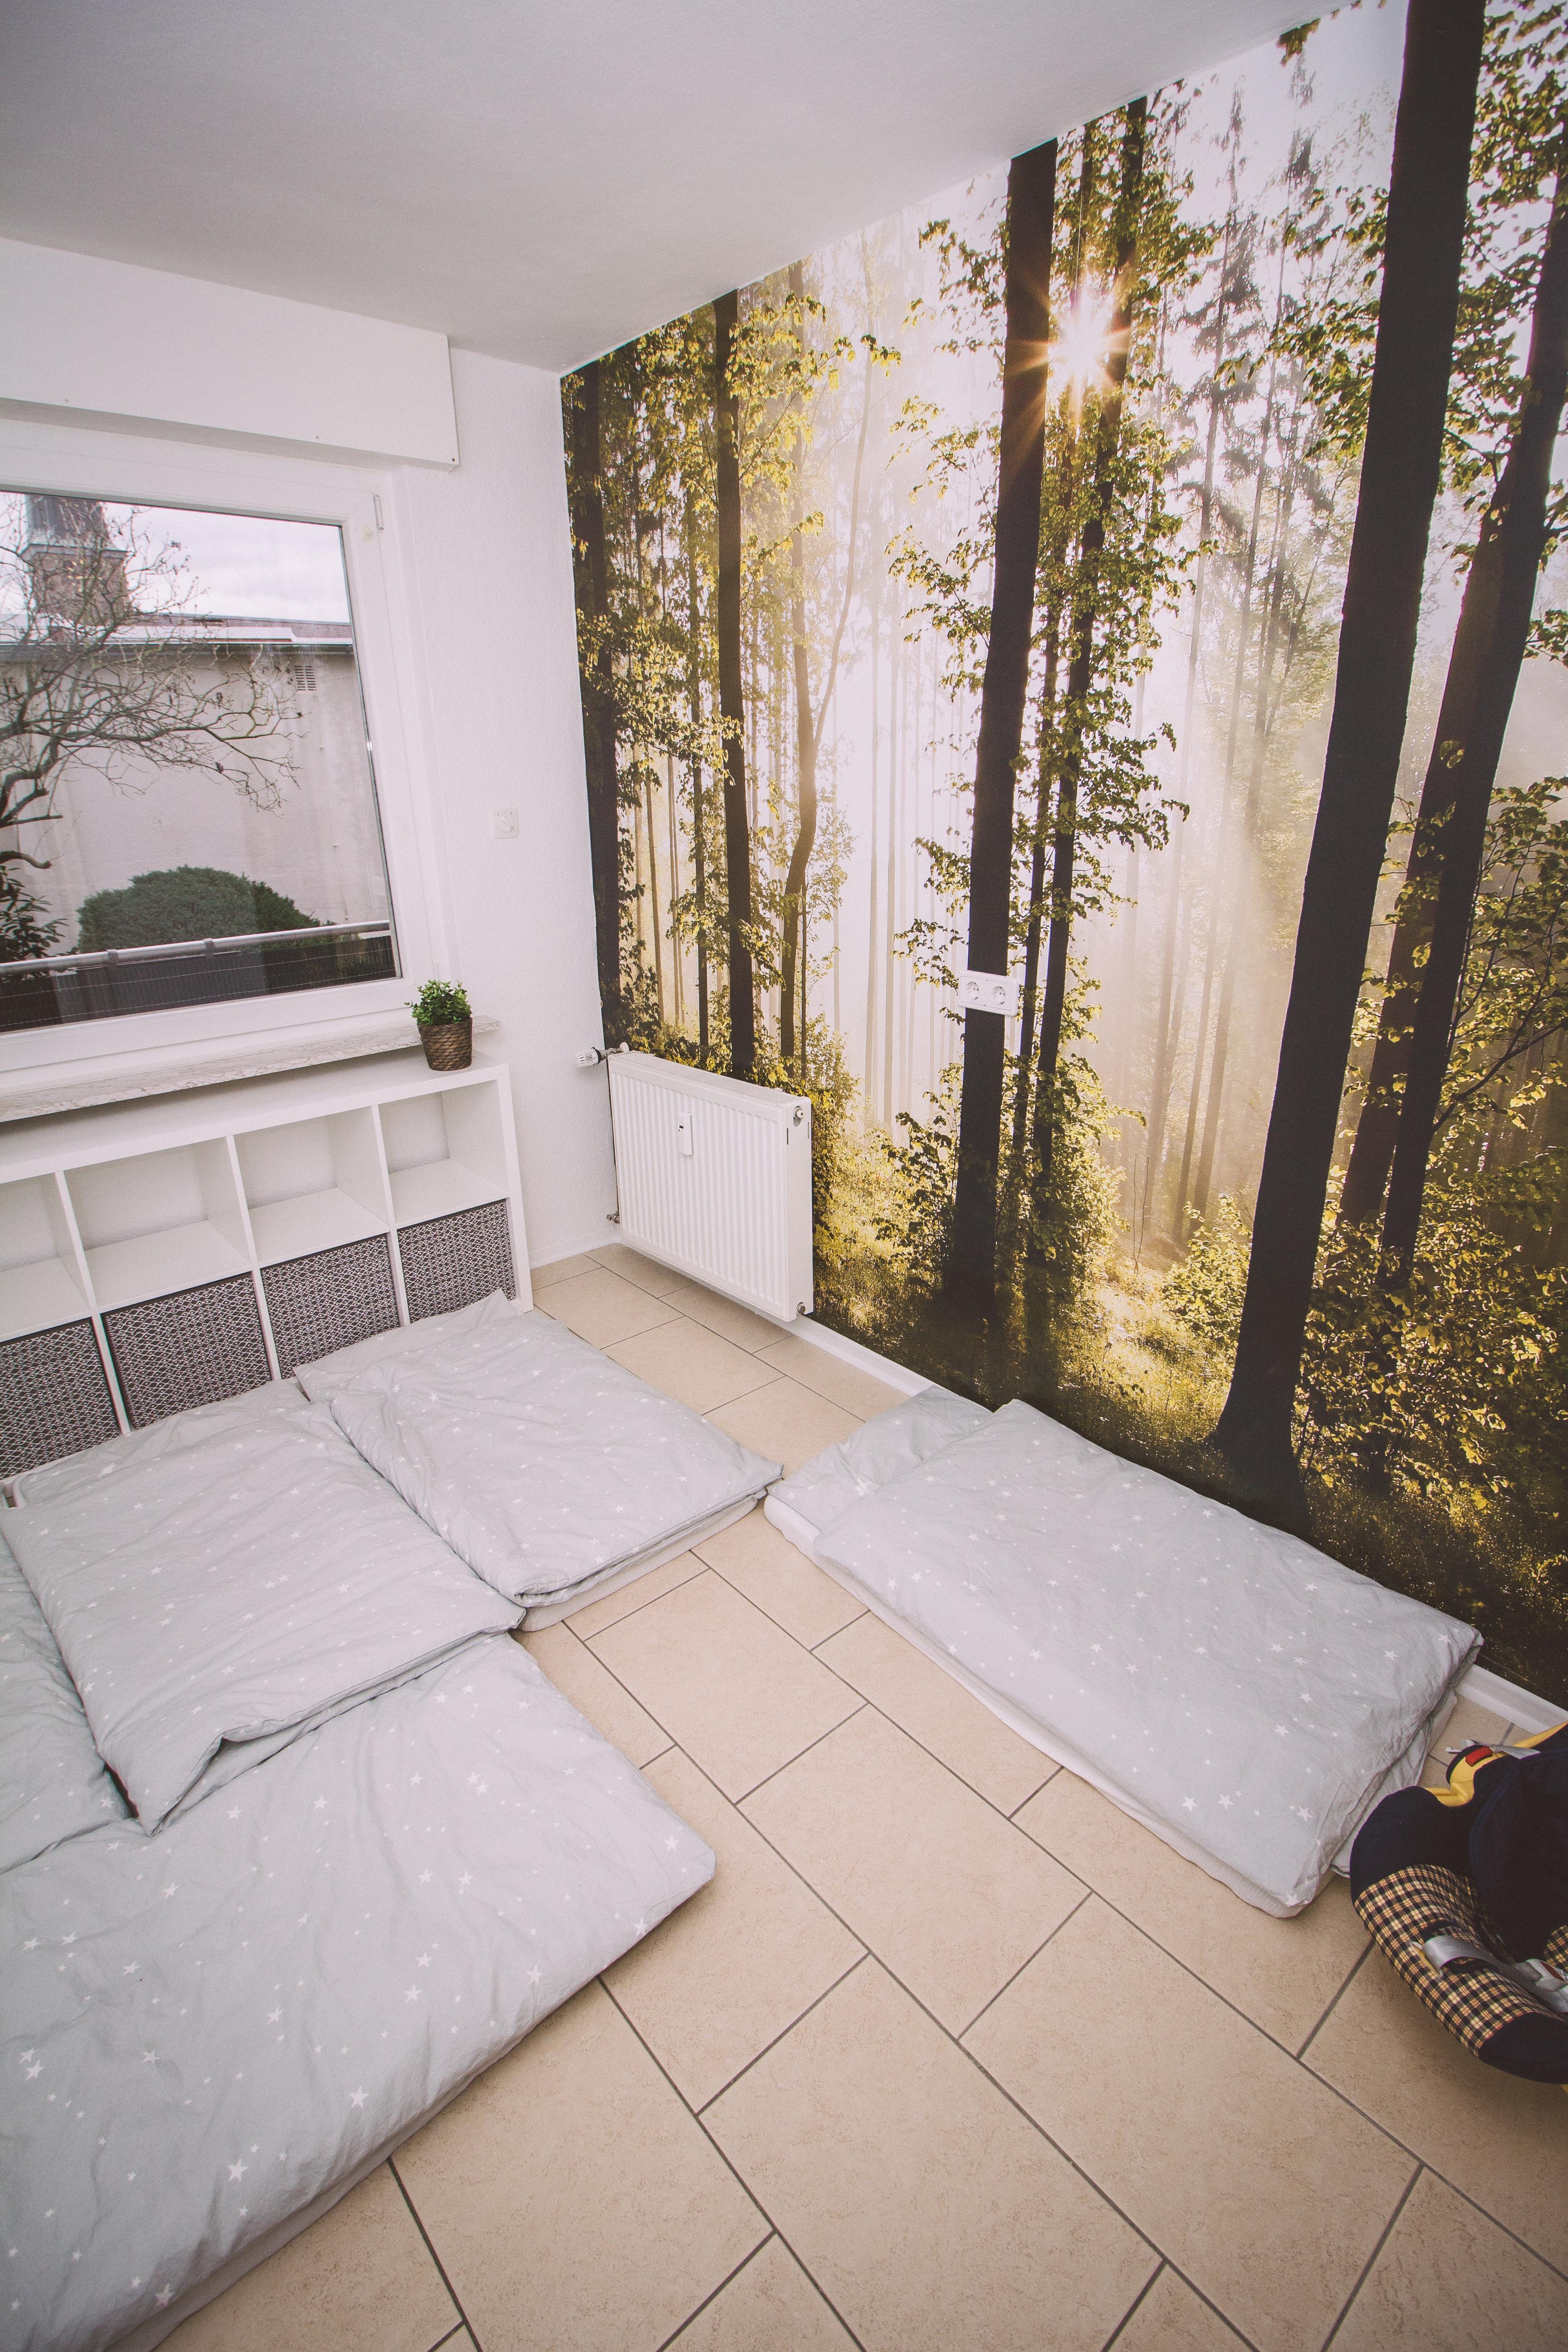 Ruhrminis Räume Schlafen